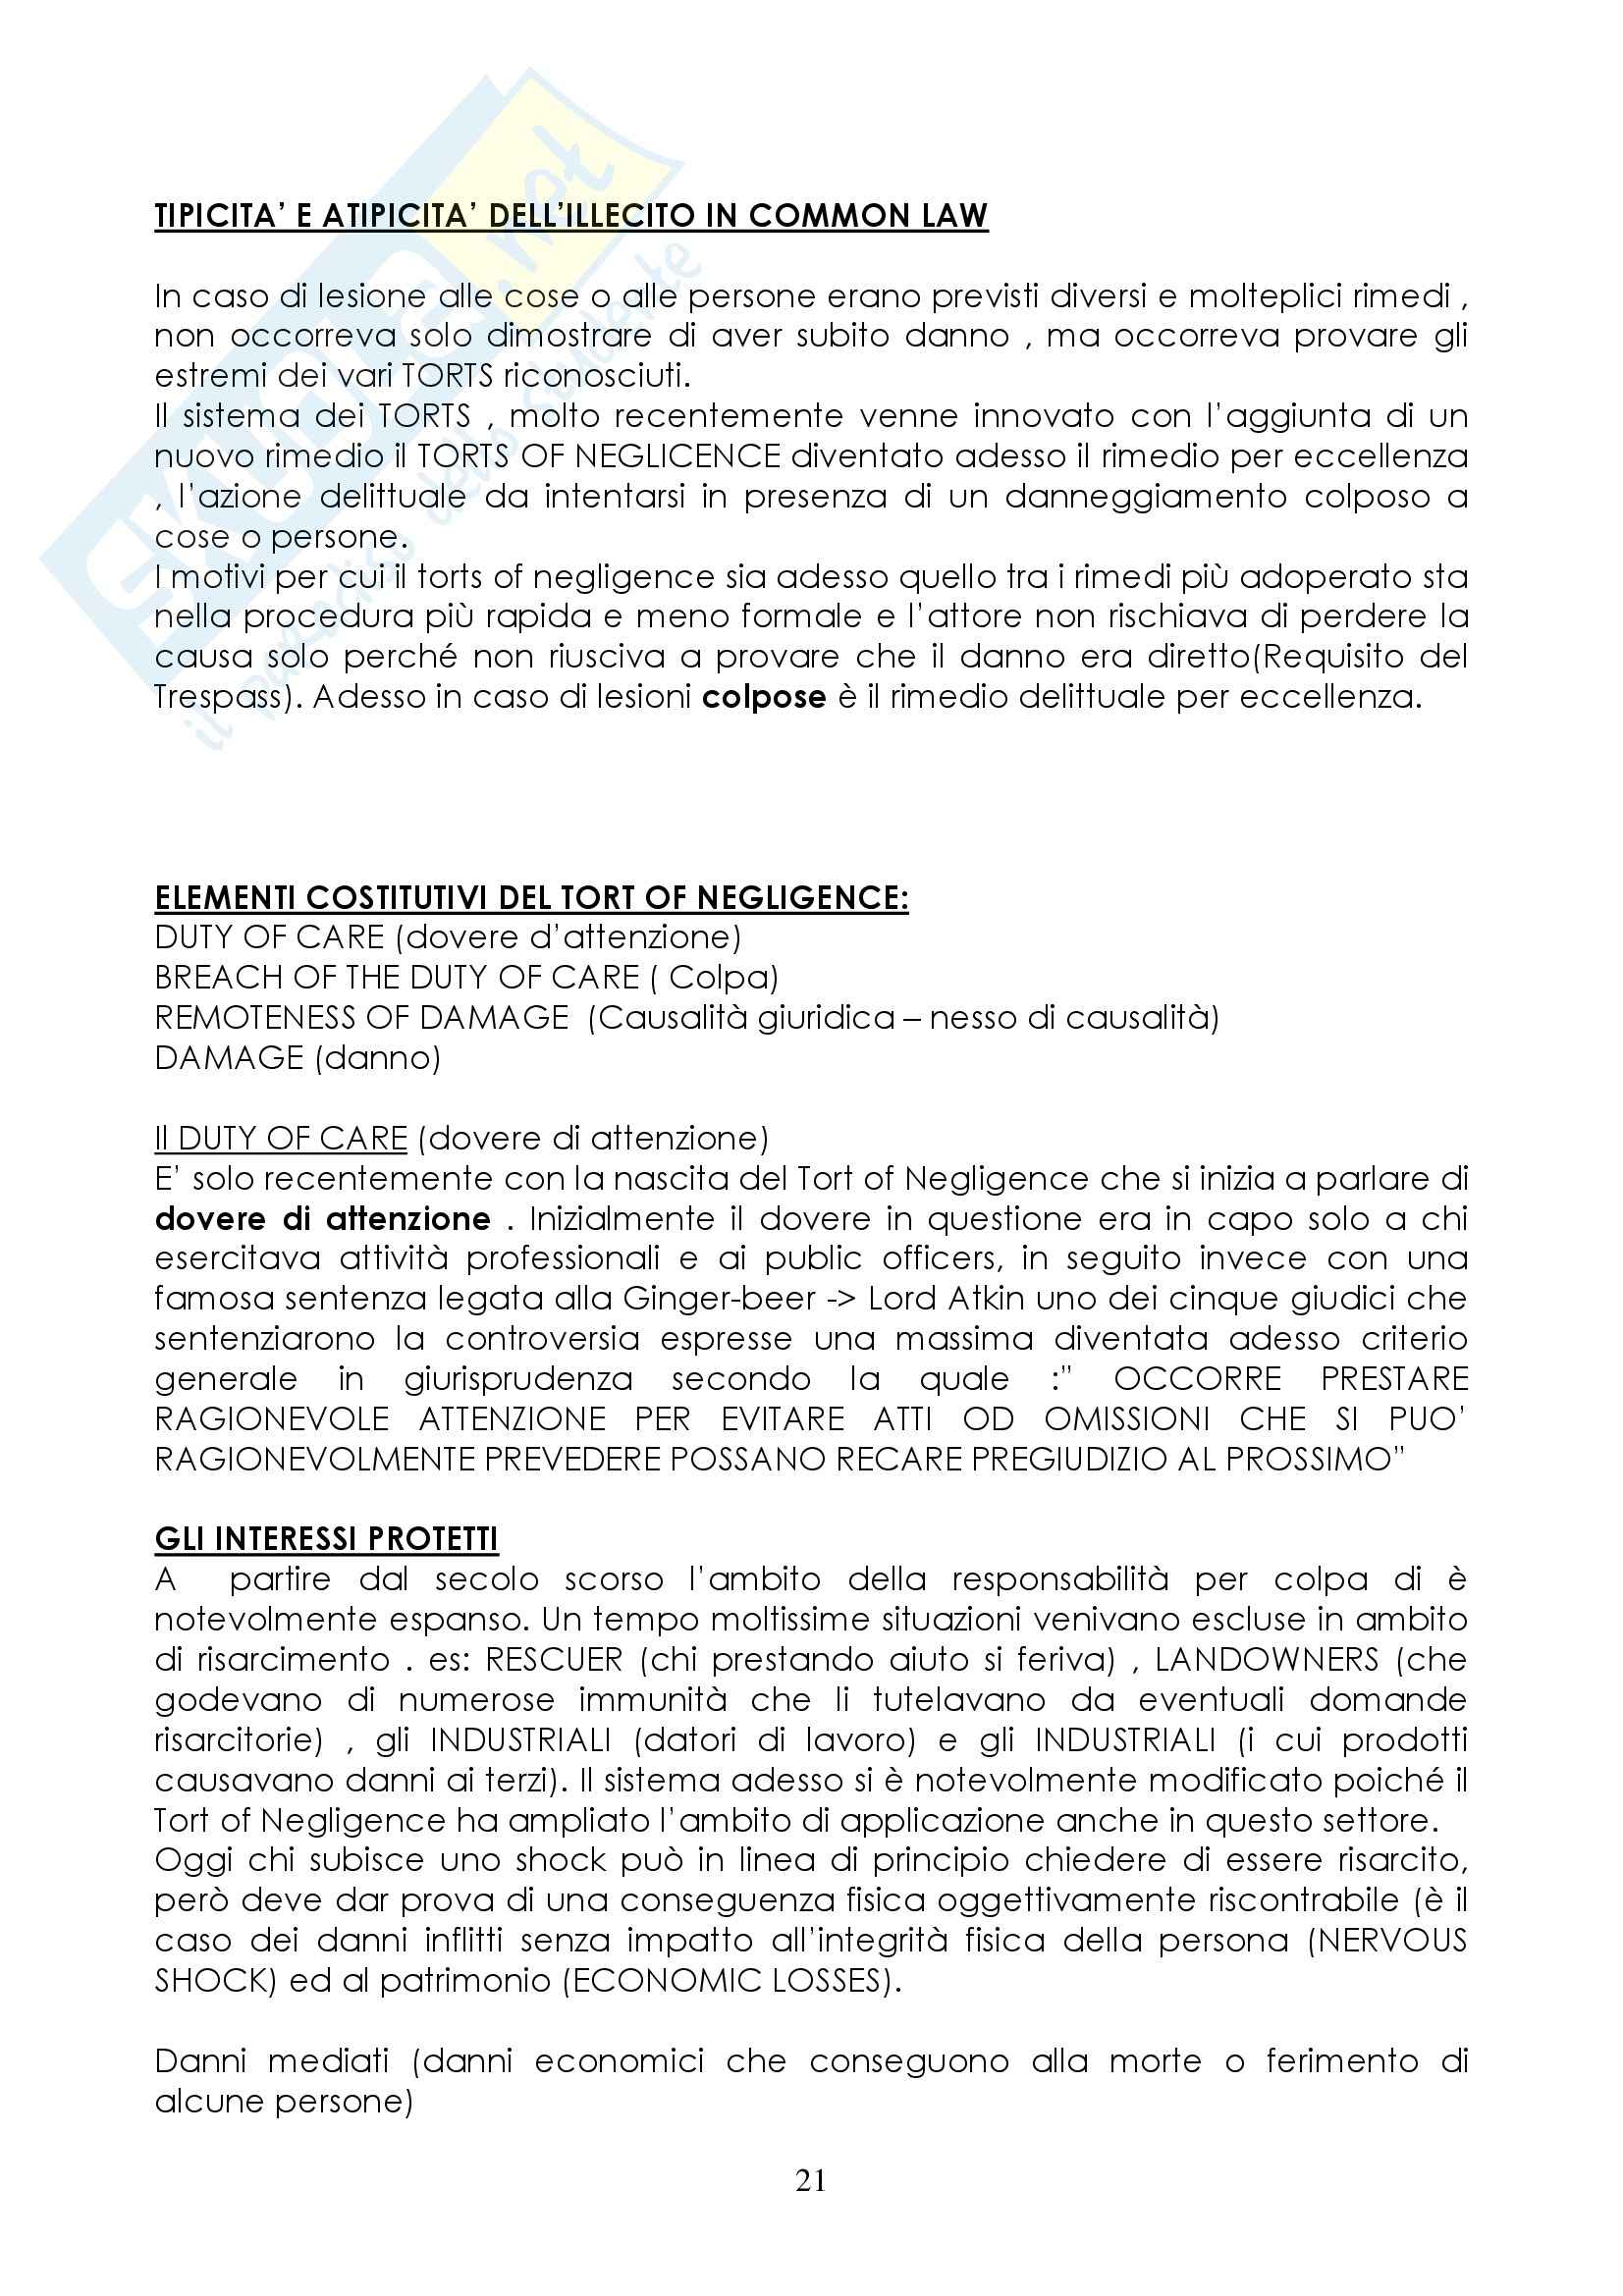 Diritto privato comparato - completo Pag. 21